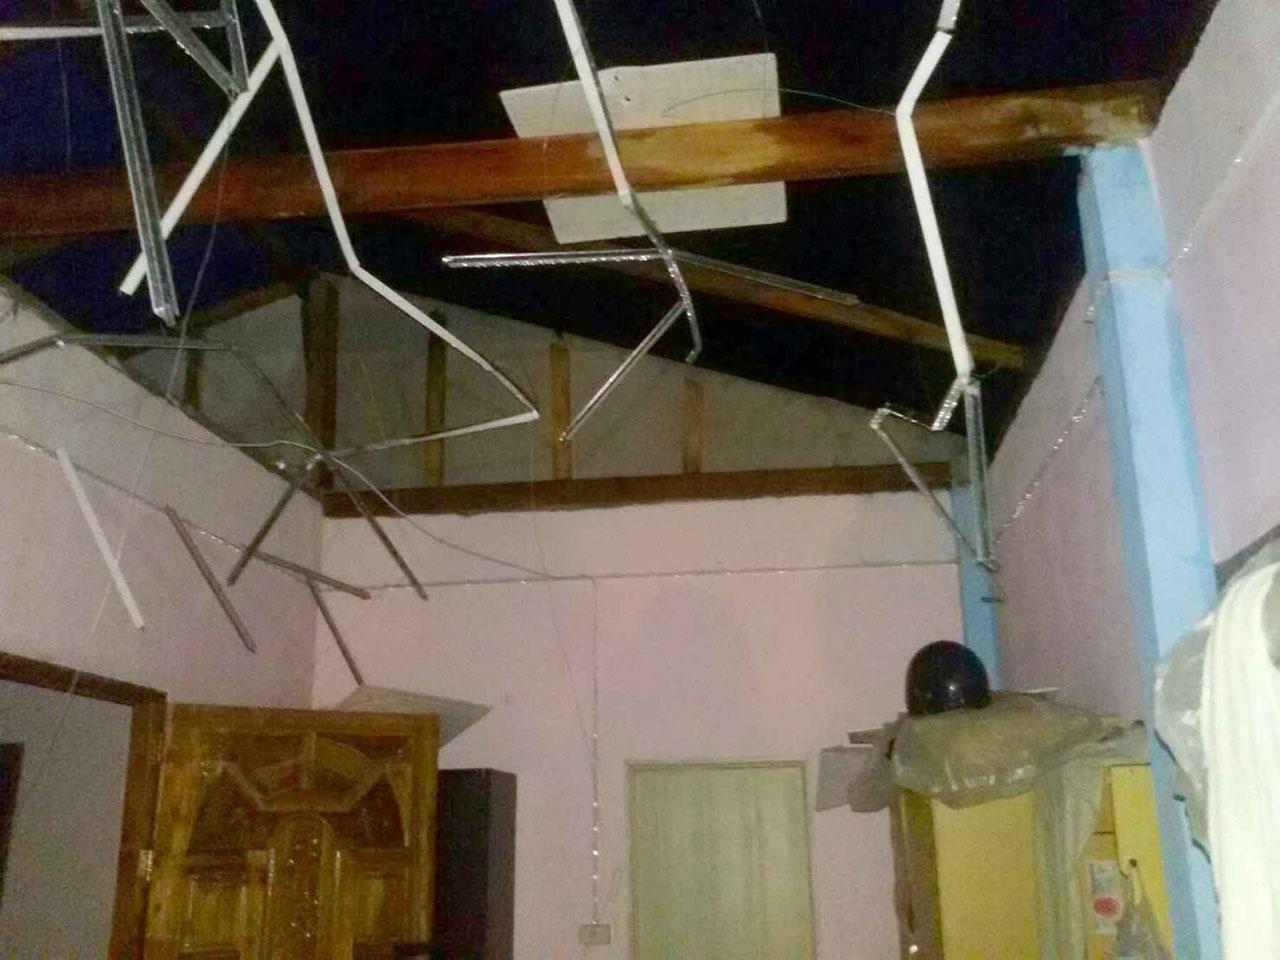 พายุฤดูร้อนถล่มที่ จ.แพร่ ทำให้บ้านเรือนชาวบ้านอย่างน้อย 20 หลังคาเรือนได้รับความเสียหาย